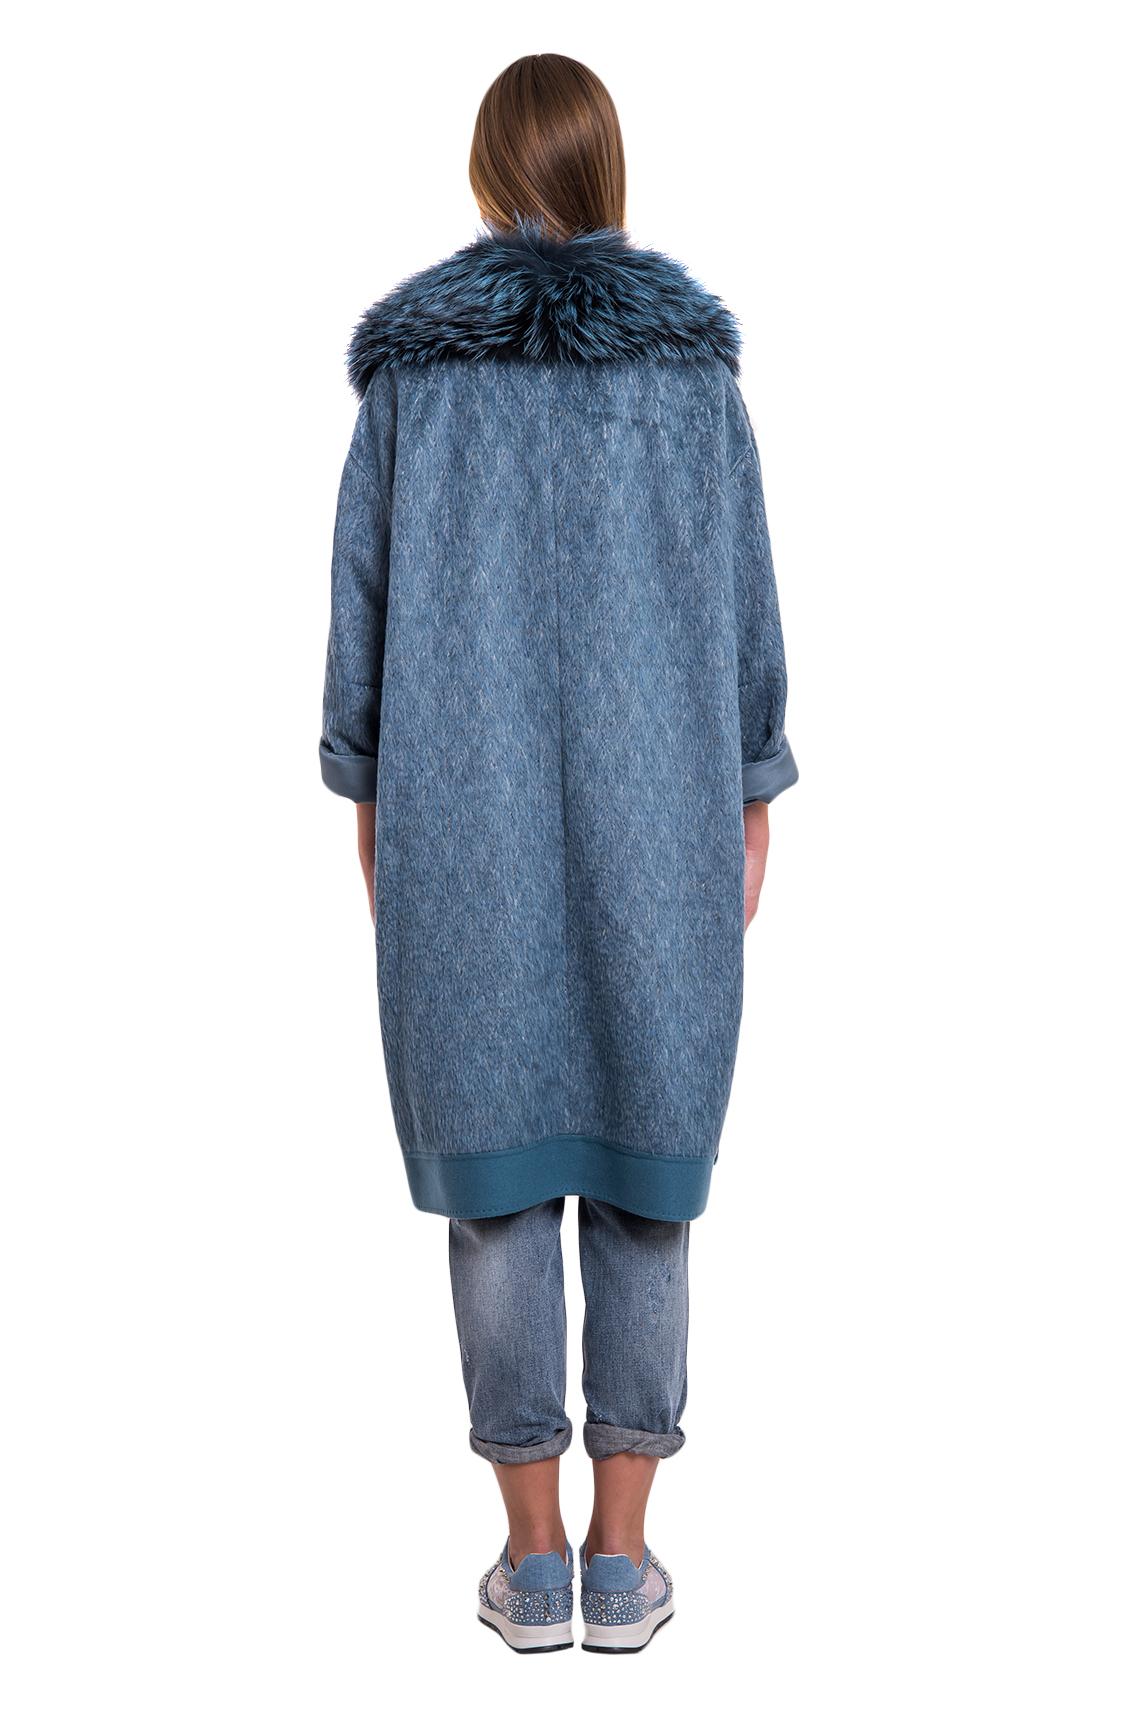 Итальянские женские пальто из кашемира в Киеве